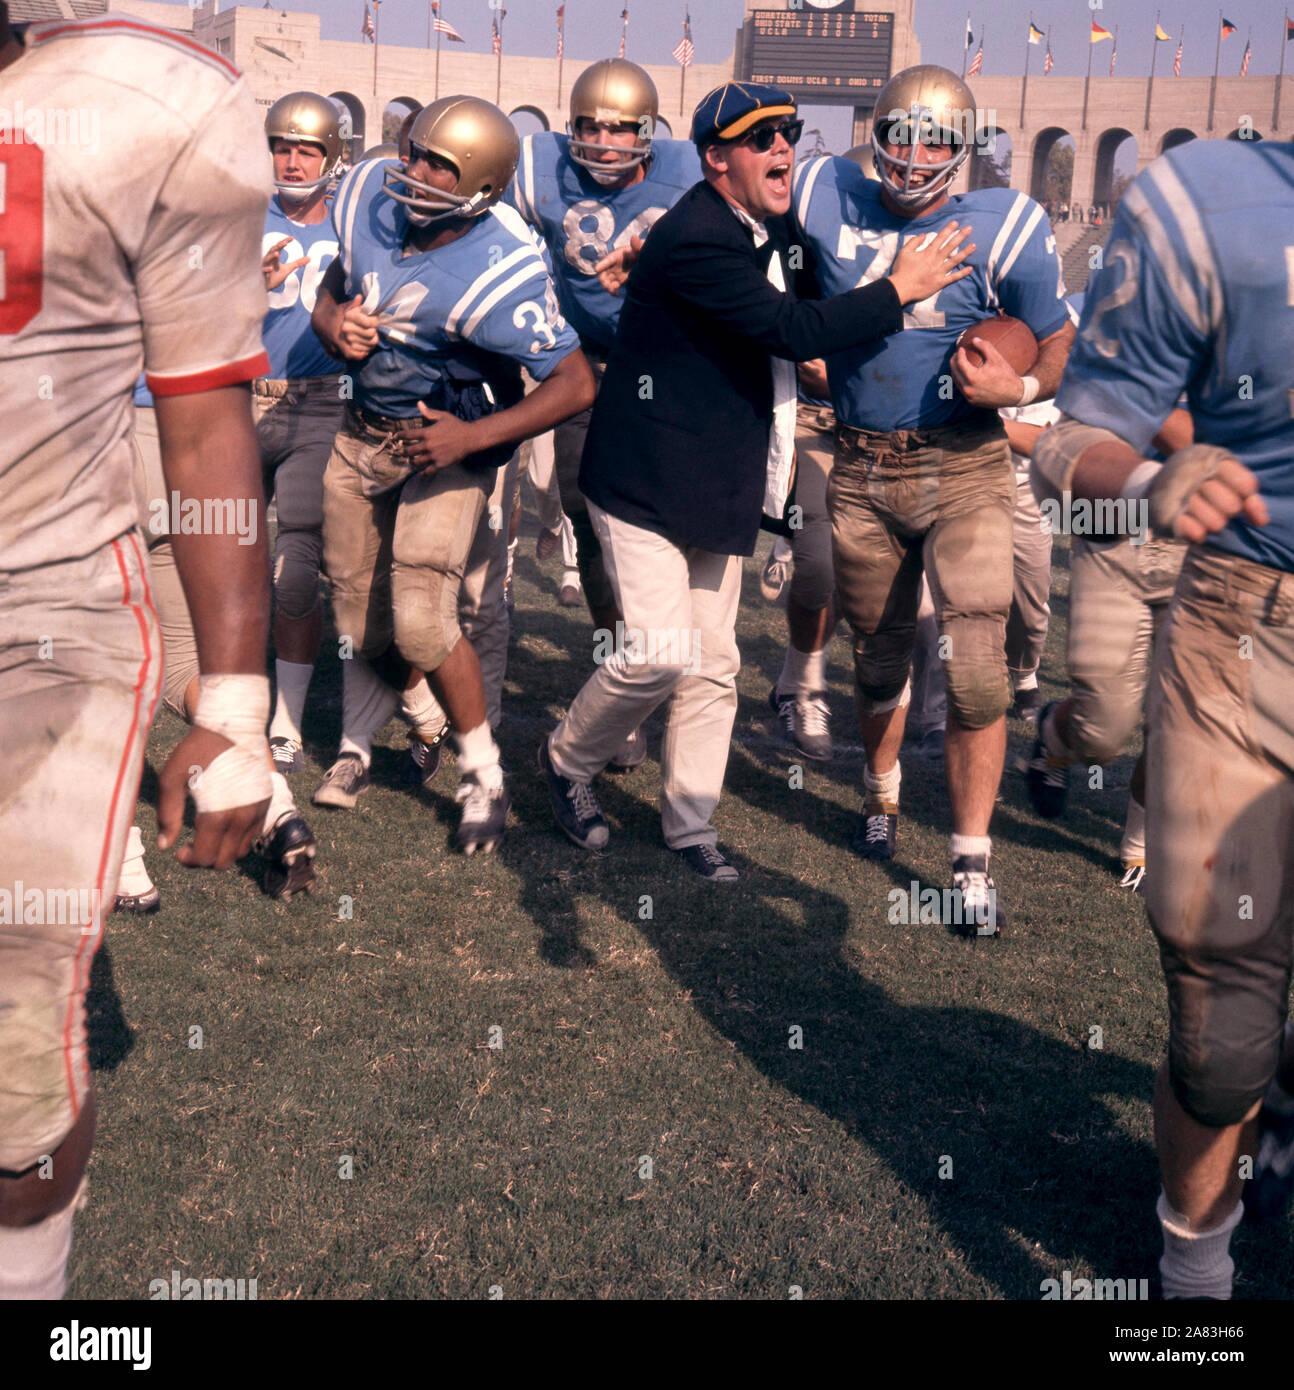 LOS ANGELES, CA - 6 de octubre: Warren Jackson #34 y Phil Oram #77 de la UCLA Bruins celebrar con un ventilador tras derrotar a los Ohio State Buckeyes después de un partido de NCAA en Octubre 6, 1962 en el Los Angeles Memorial Coliseum en Los Angeles, California. (Foto por Hy Peskin) (número de registro: X8760) *** Local Caption *** Warren Jackson;Phil Oram Foto de stock